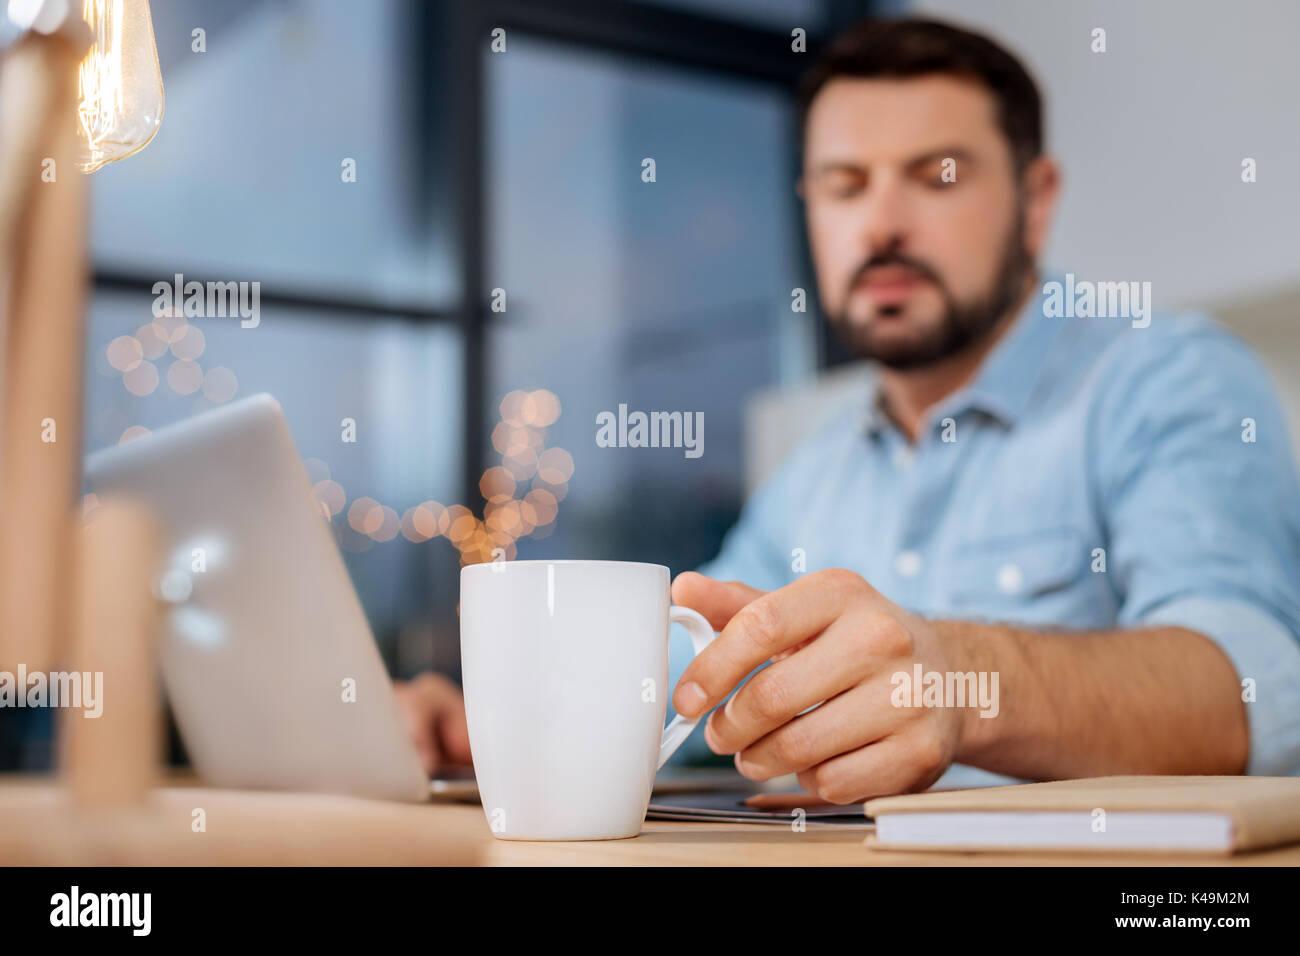 Selektiver Fokus einer Tasse mit Tee Stockbild